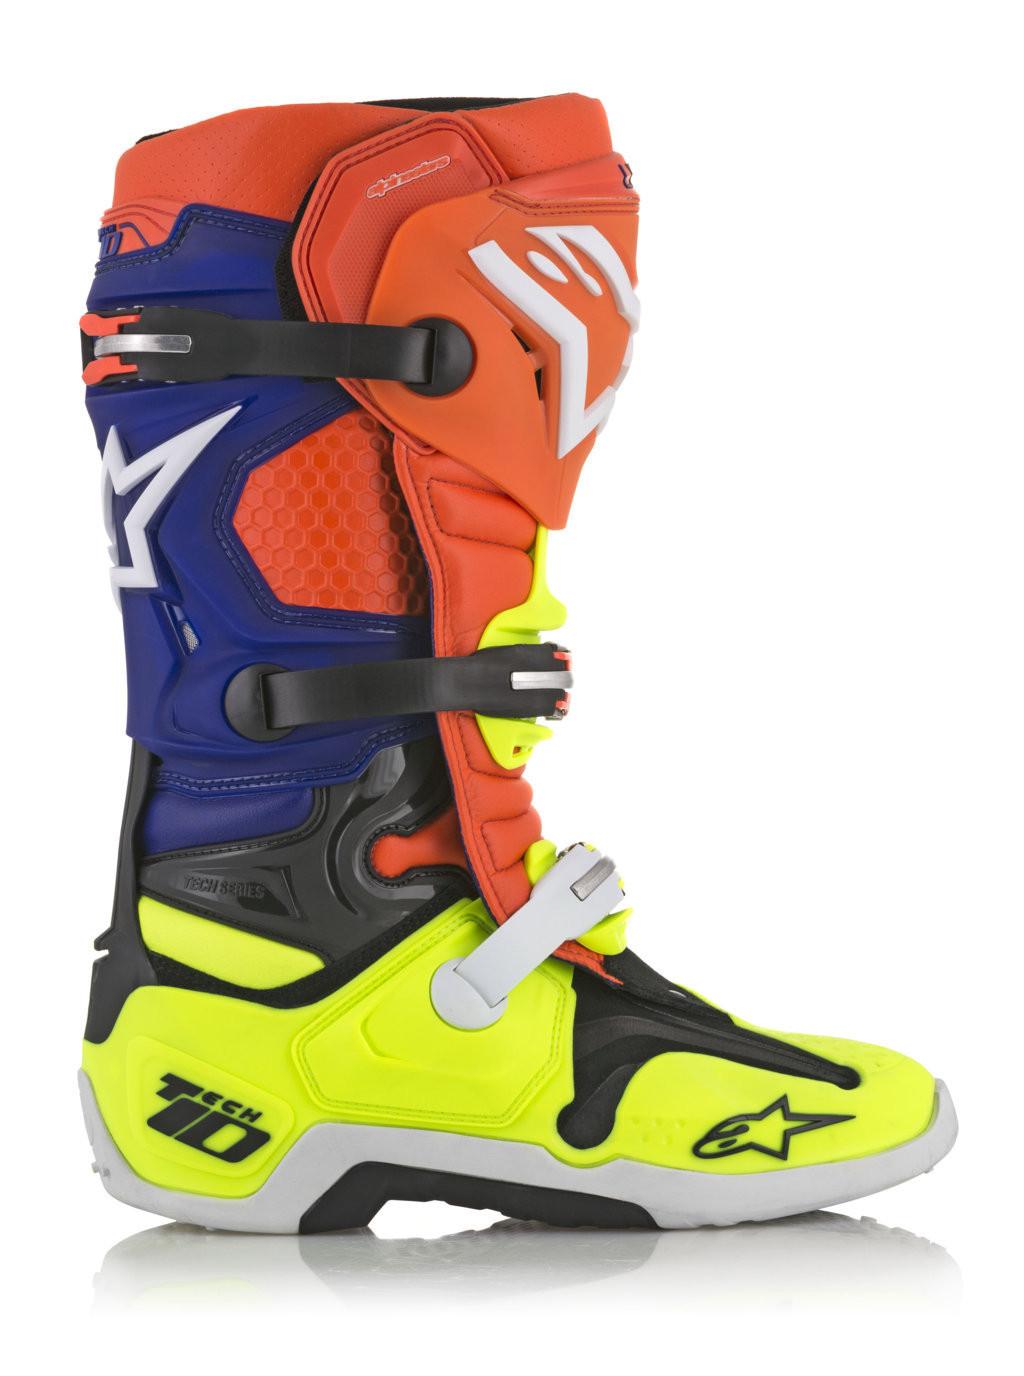 la vendita di scarpe vendita calda genuina ampia scelta di colori e disegni Stivali cross Alpinestars Tech 10 arancio fluo blu bianco giallo fluo